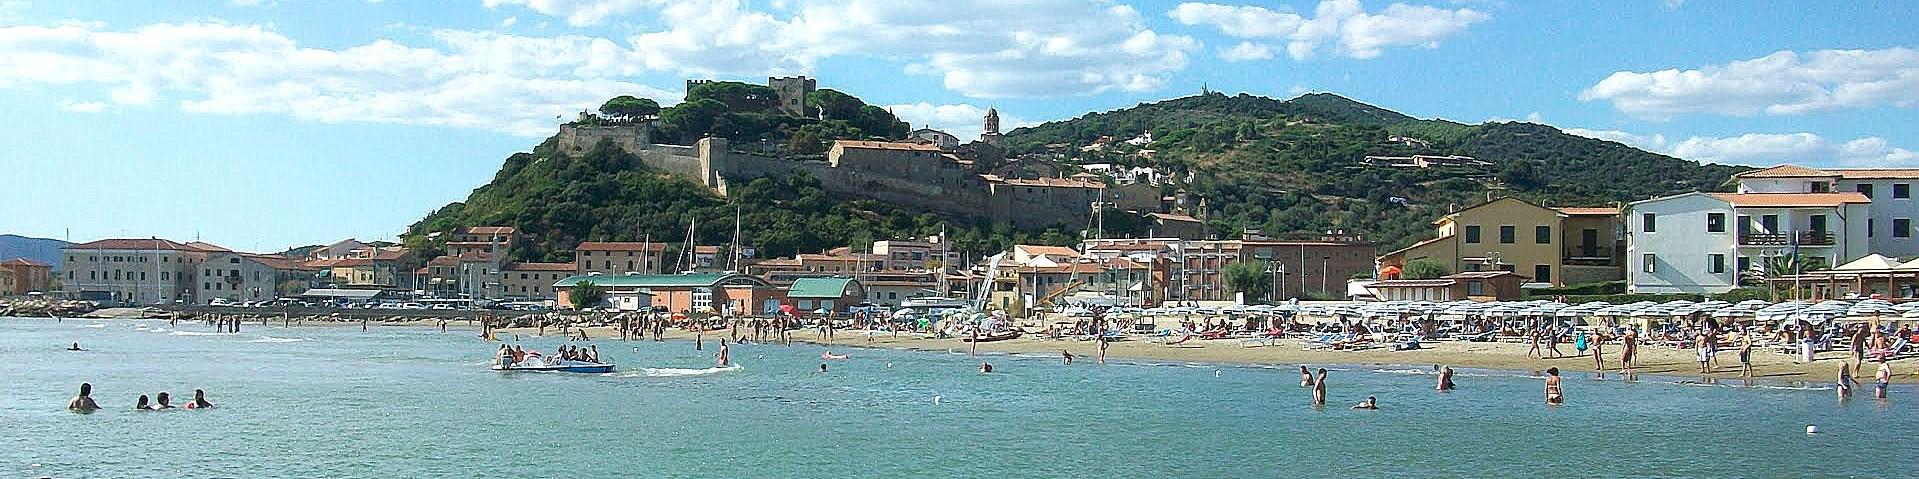 Castiglione della Pescaia, městská pláž